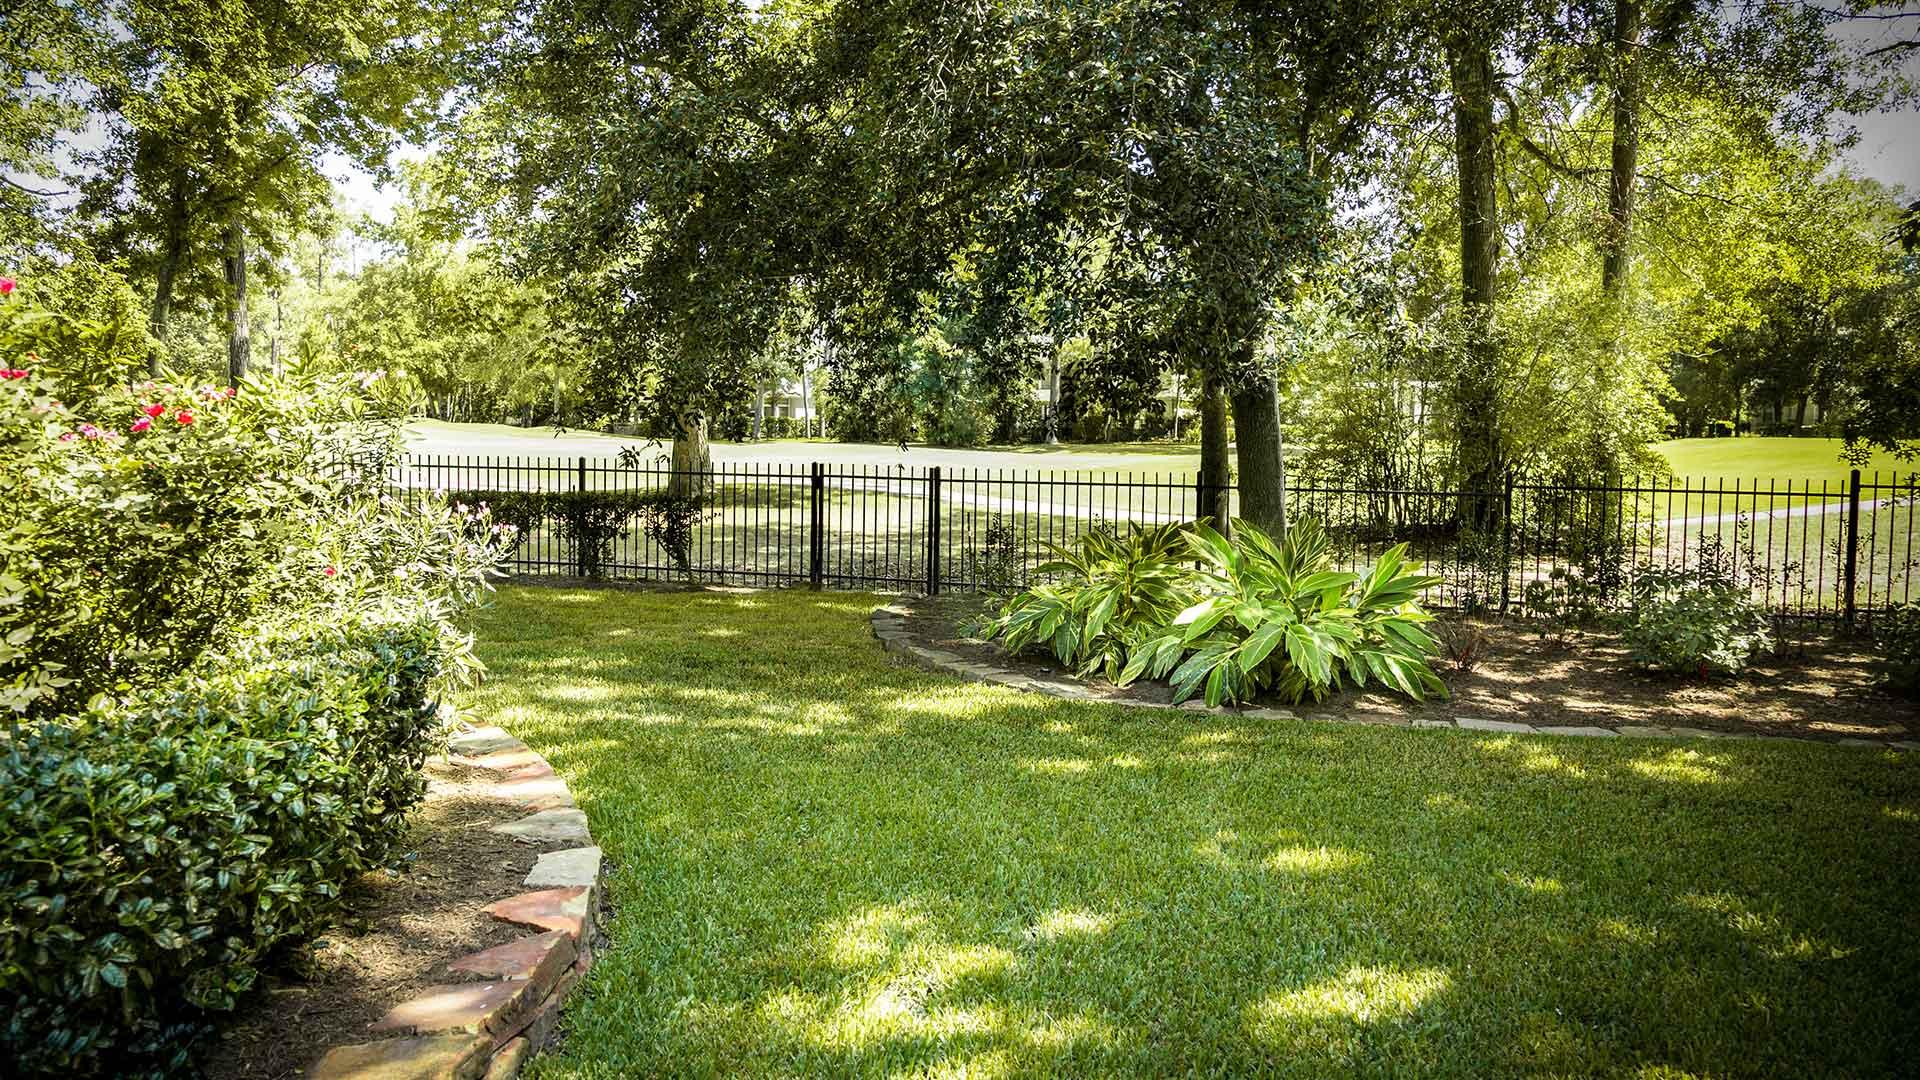 Garten mit Rollrasen im Schatten